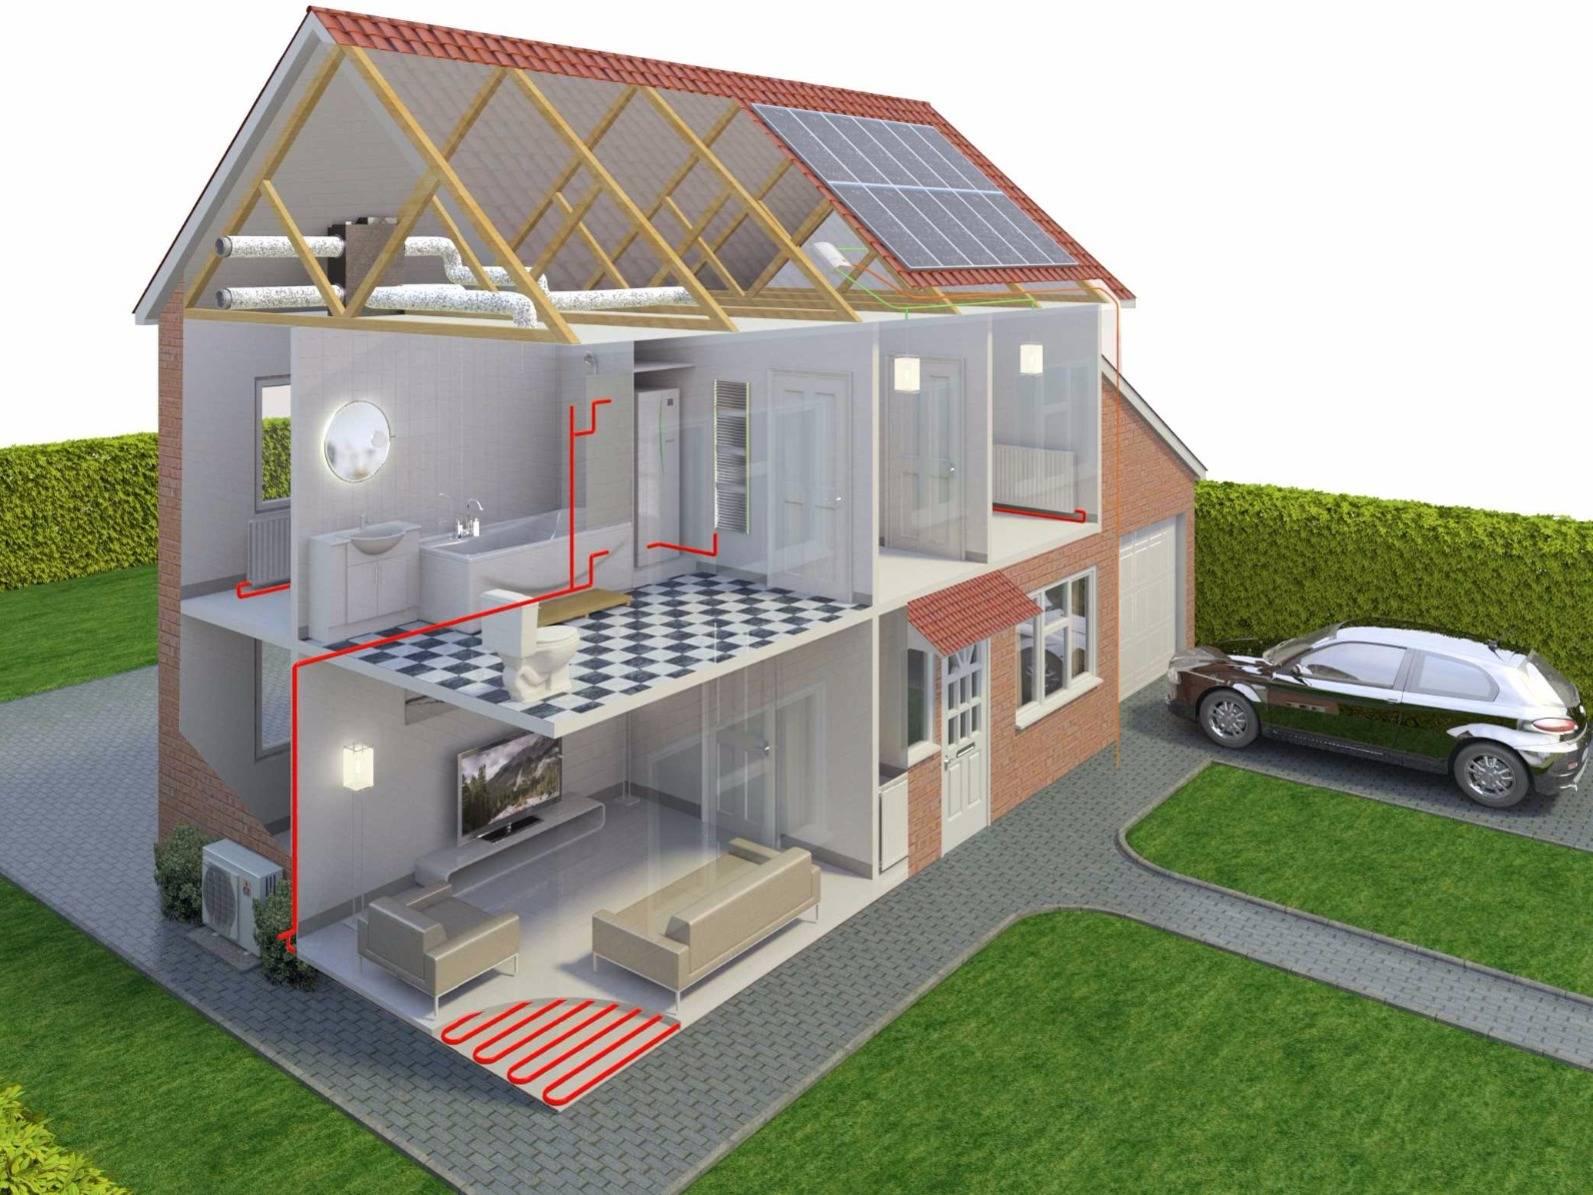 Альтернативные источники энергии для частного дома для отопления